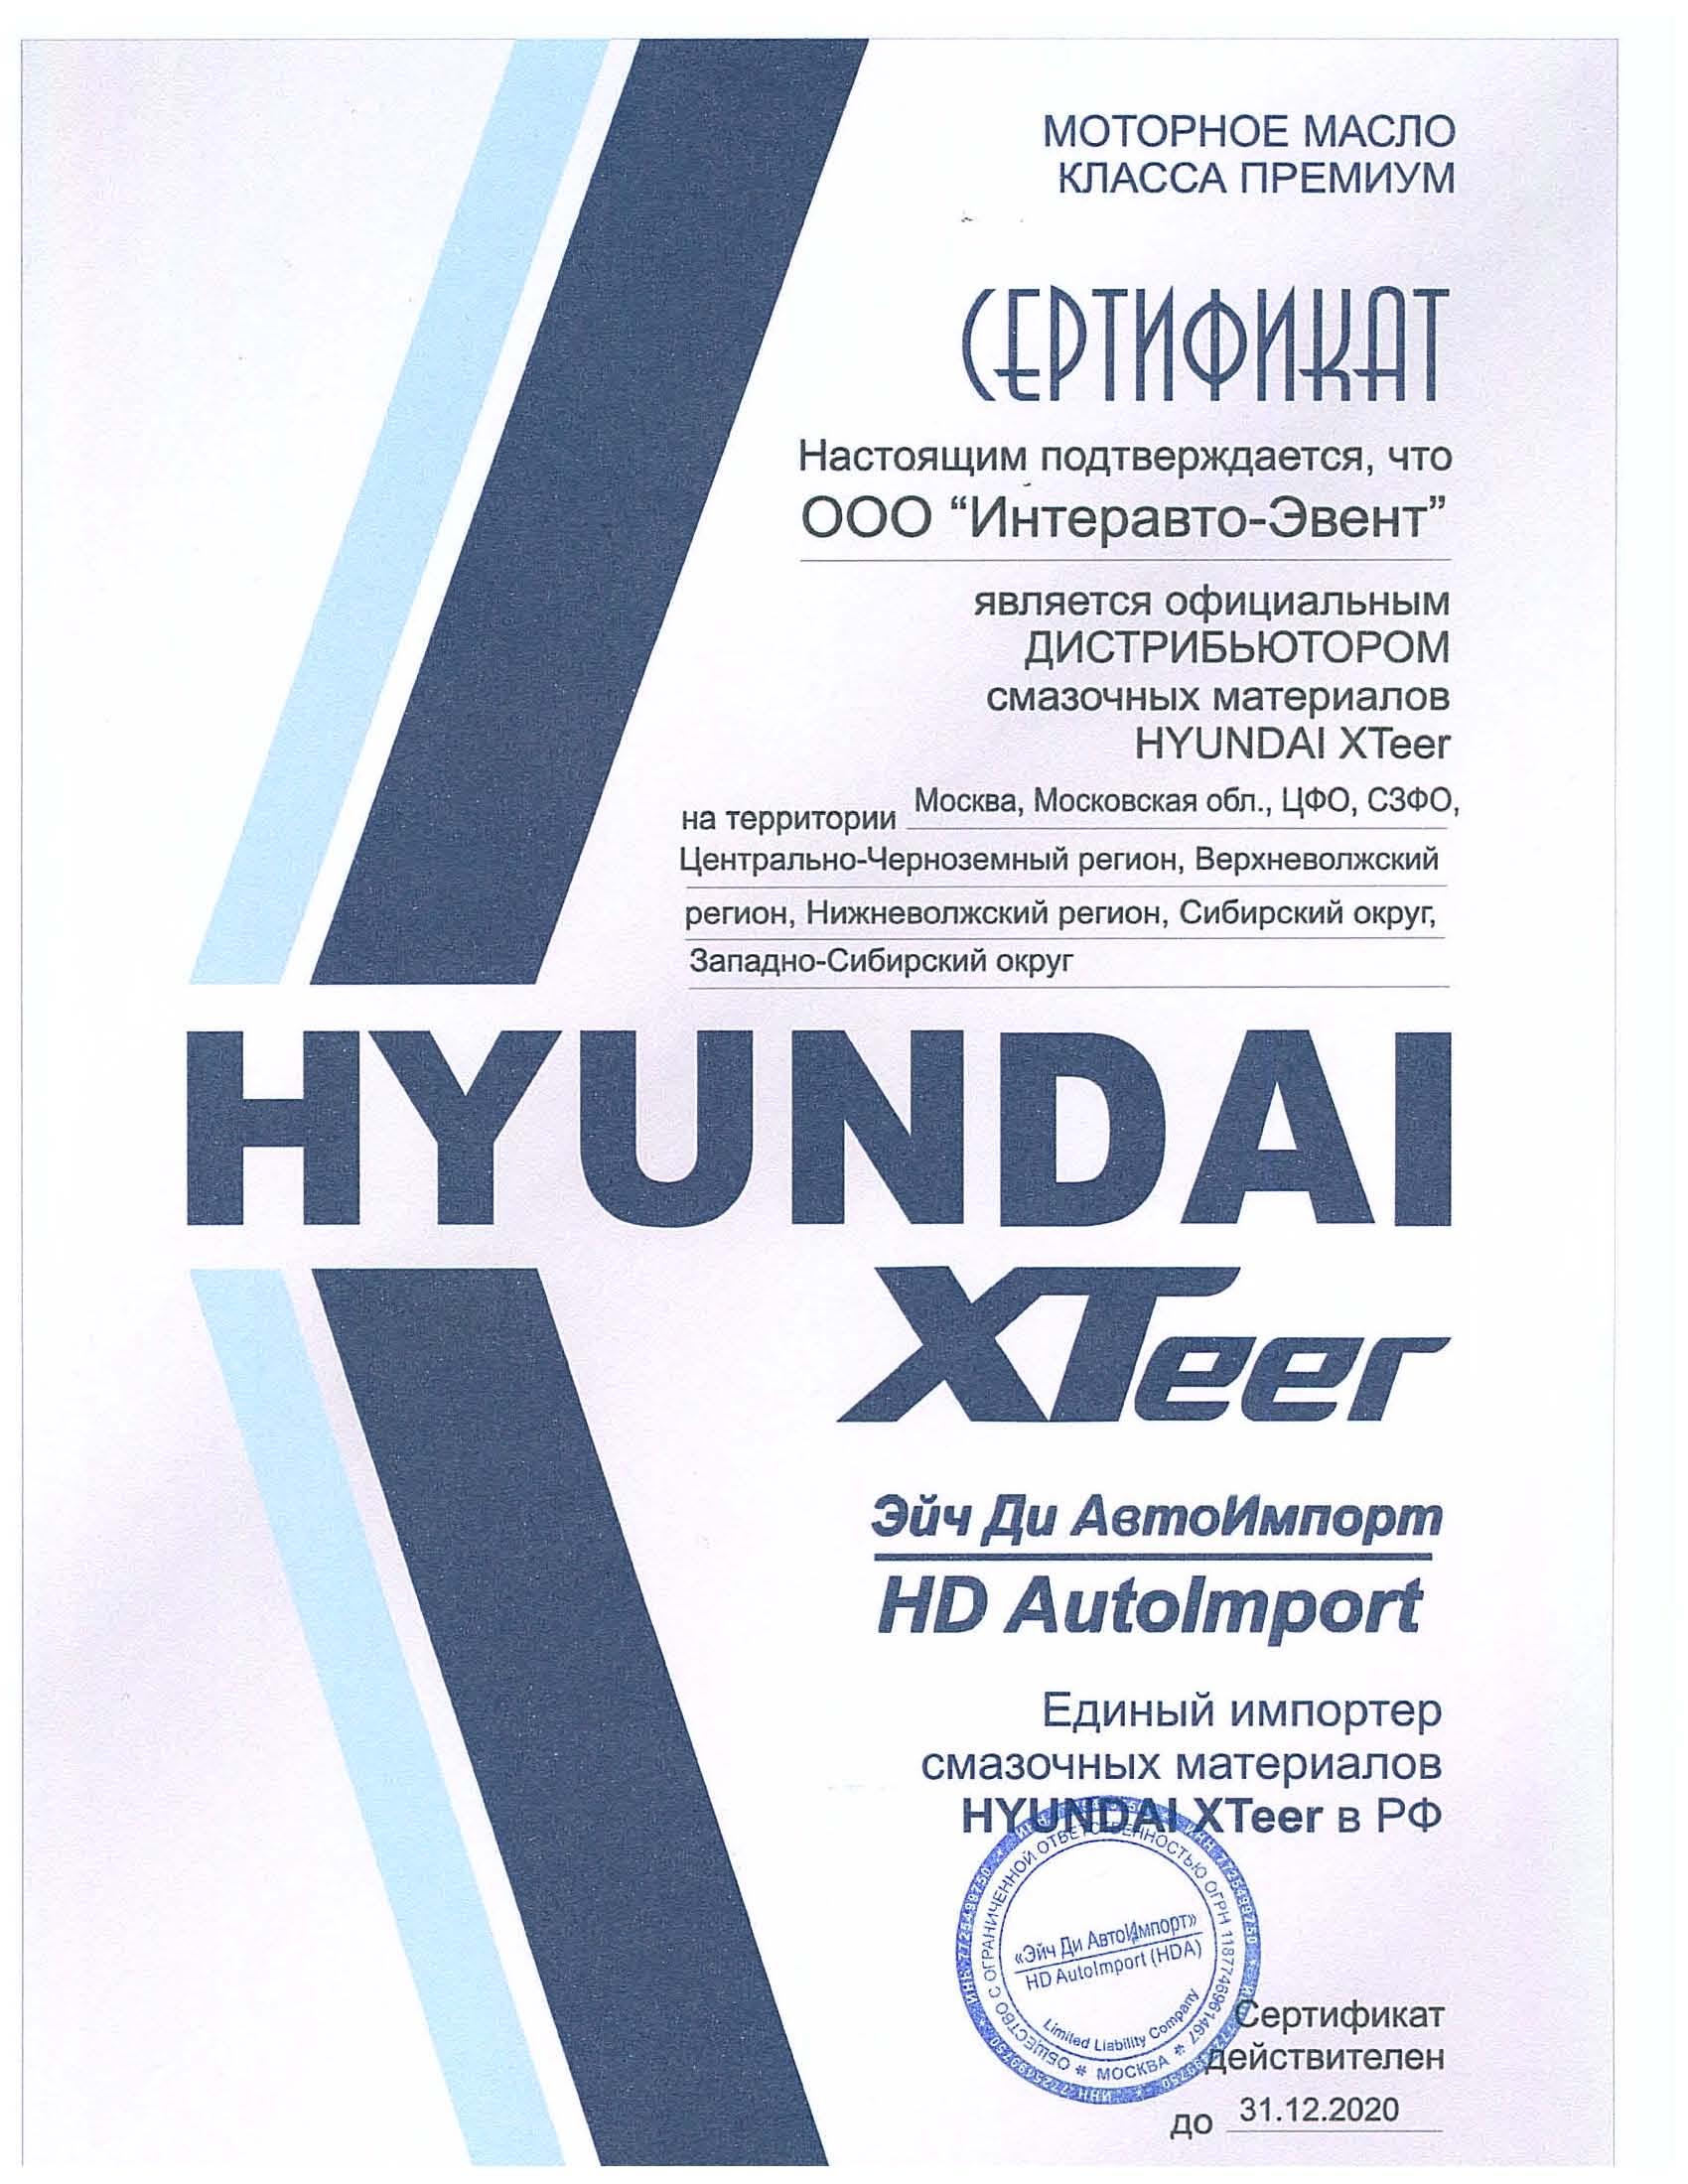 hyundai xteer официальный дистрибьютор